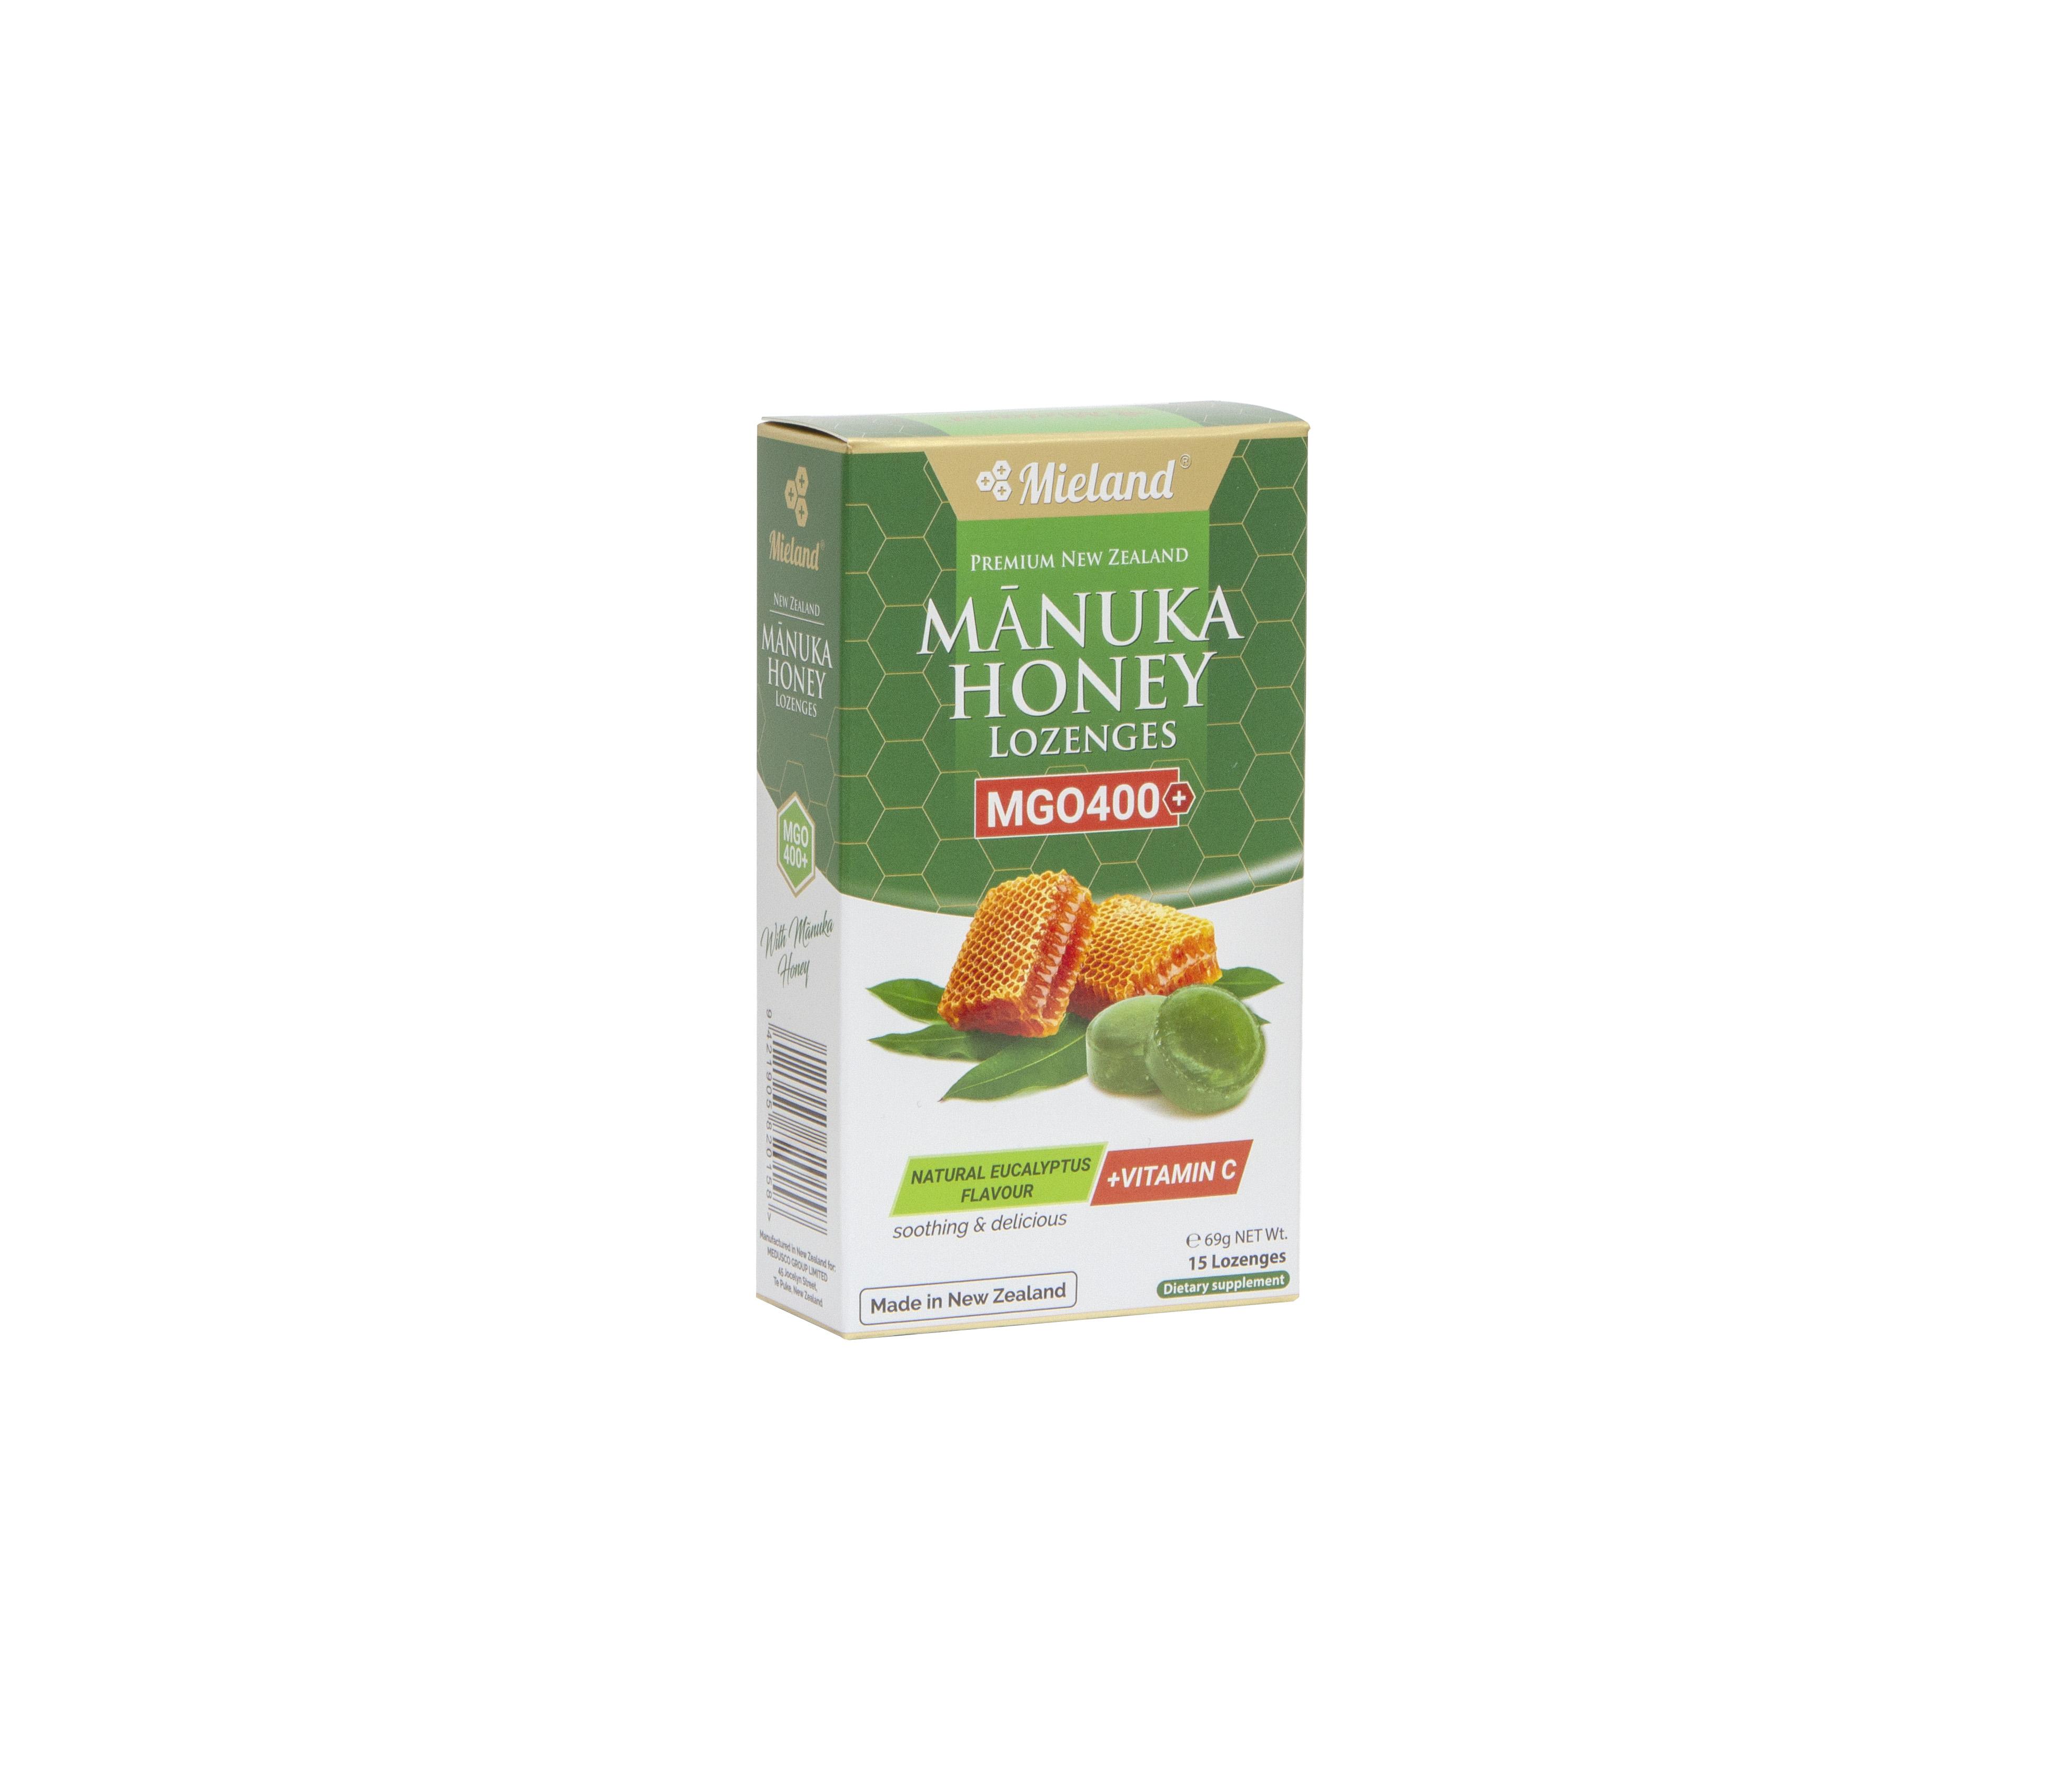 Manuka Honey Lozenges with Eucalyptus flavour